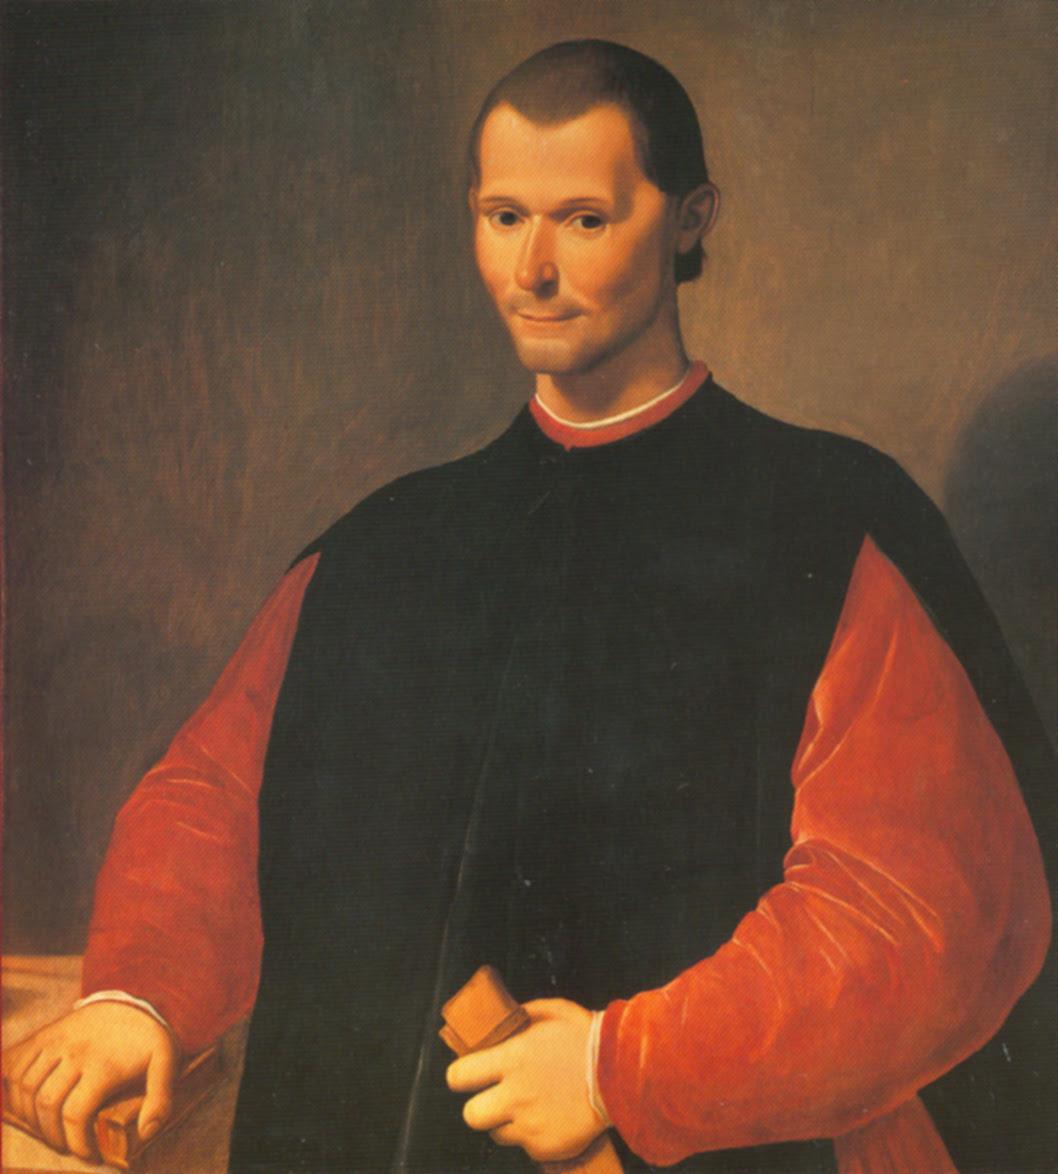 http://upload.wikimedia.org/wikipedia/commons/1/1e/Santi_di_Tito_-_Niccolo_Machiavelli%27s_portrait.jpg